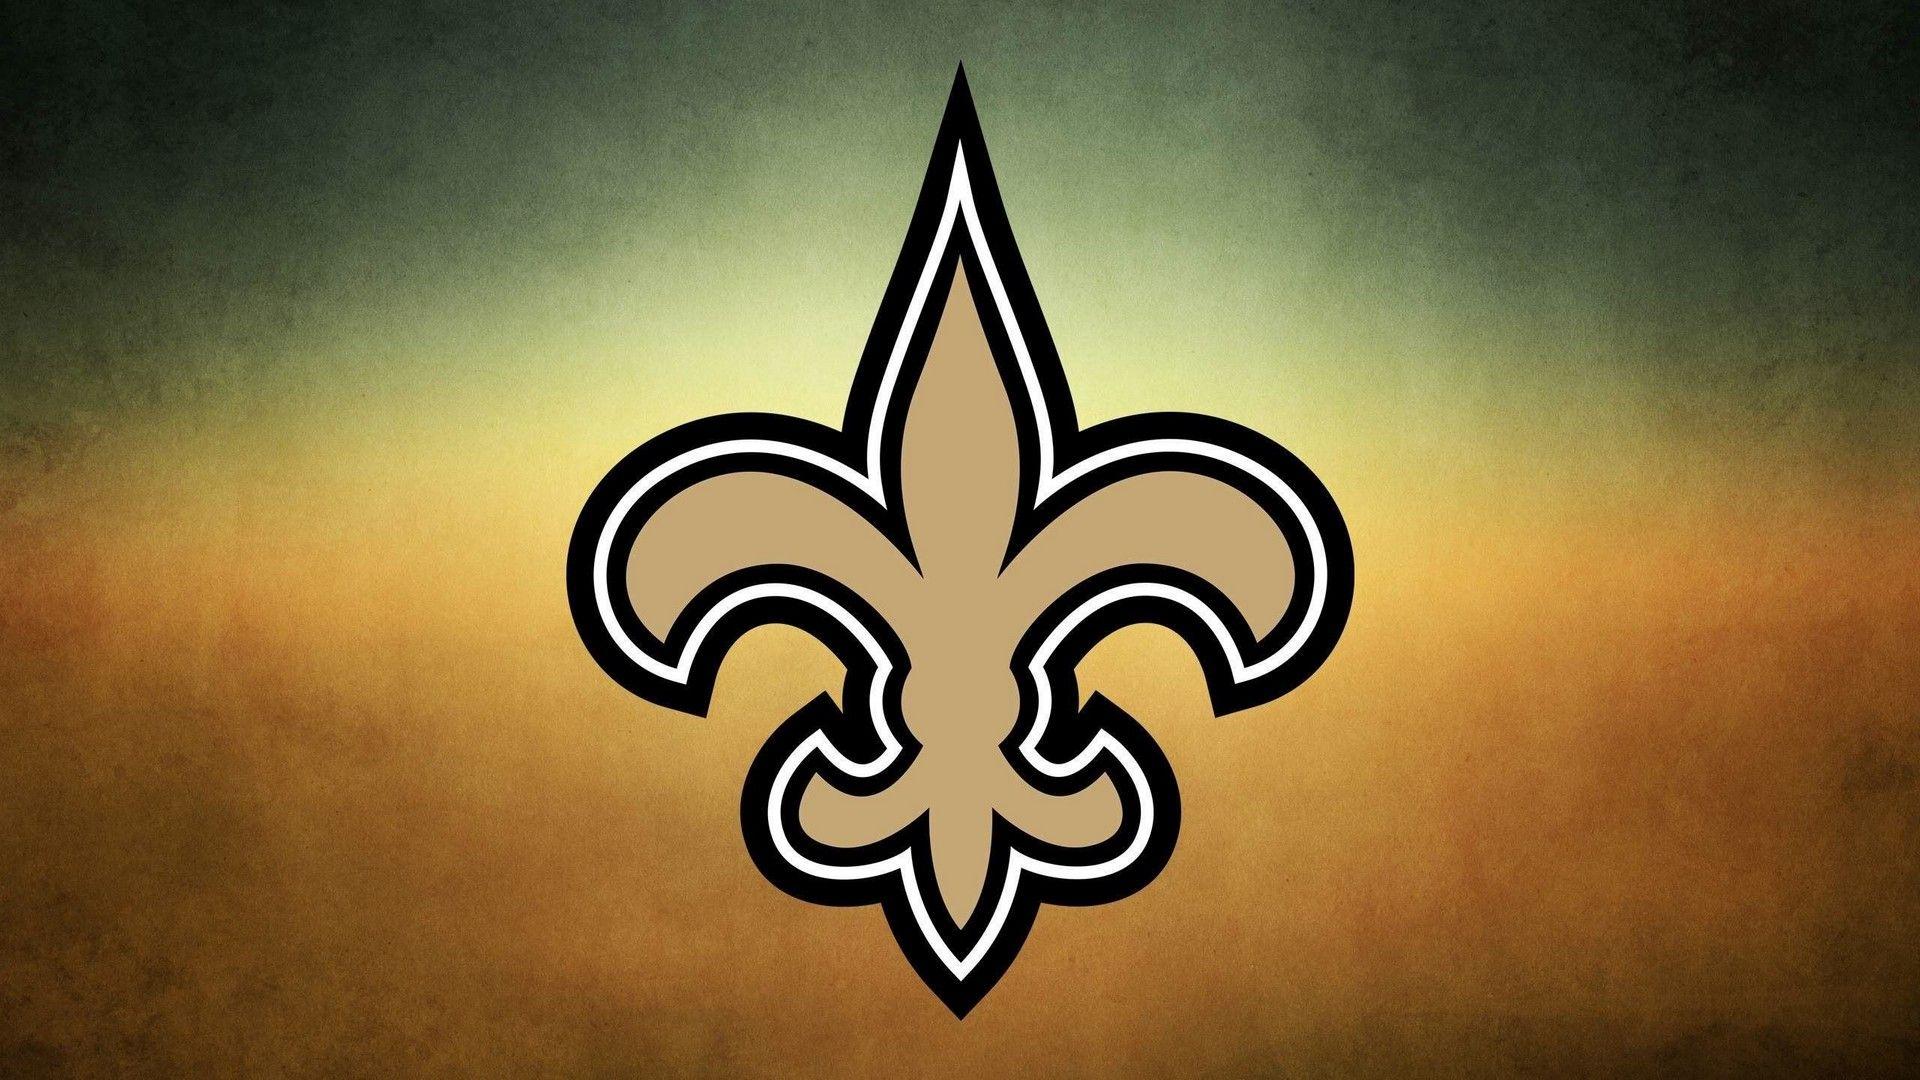 Backgrounds New Orleans Saints NFL HD New orleans saints